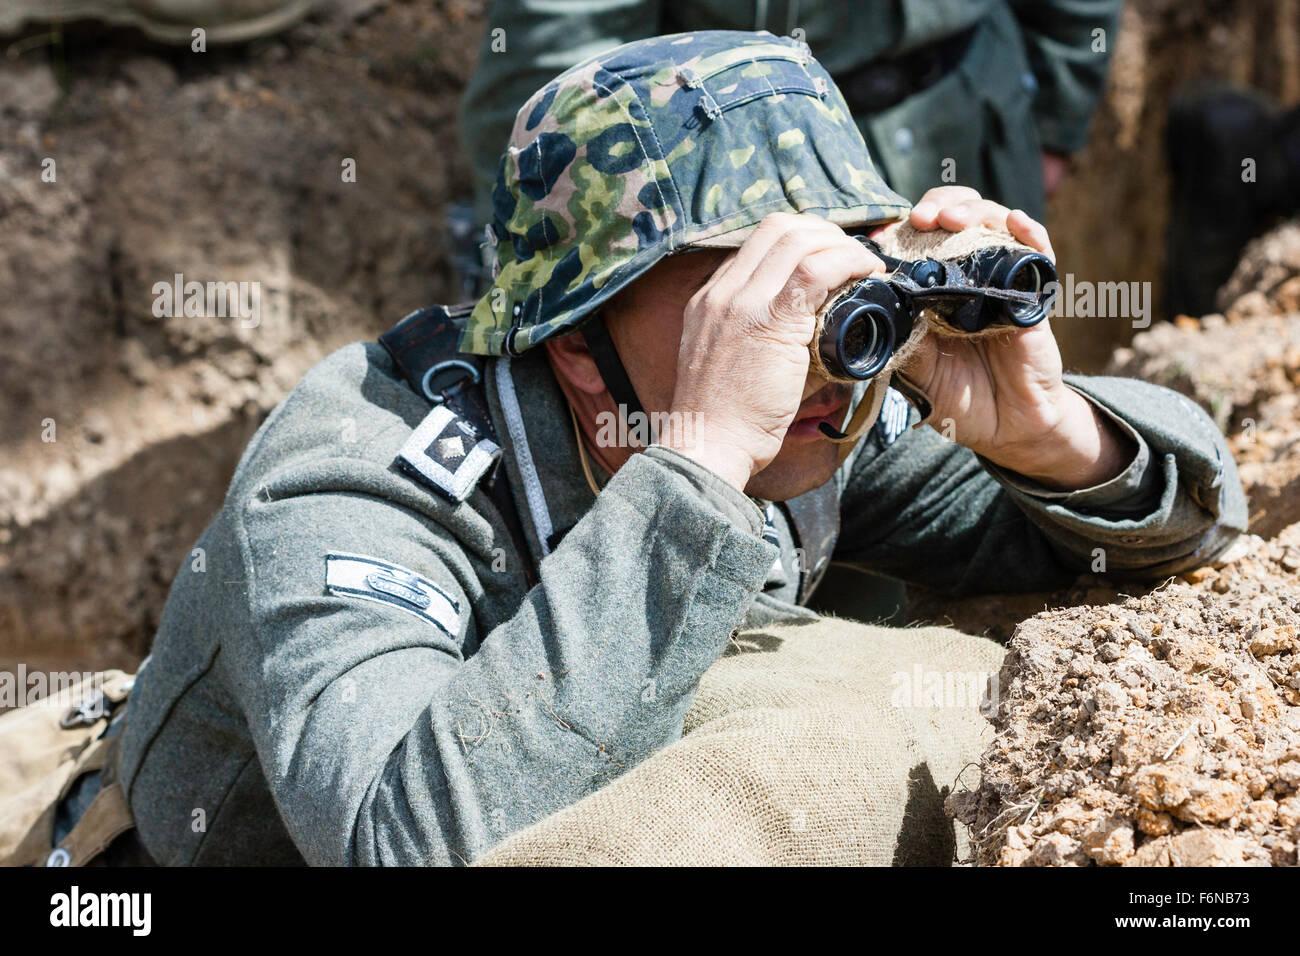 Wehrmacht offizier stockfotos & wehrmacht offizier bilder alamy